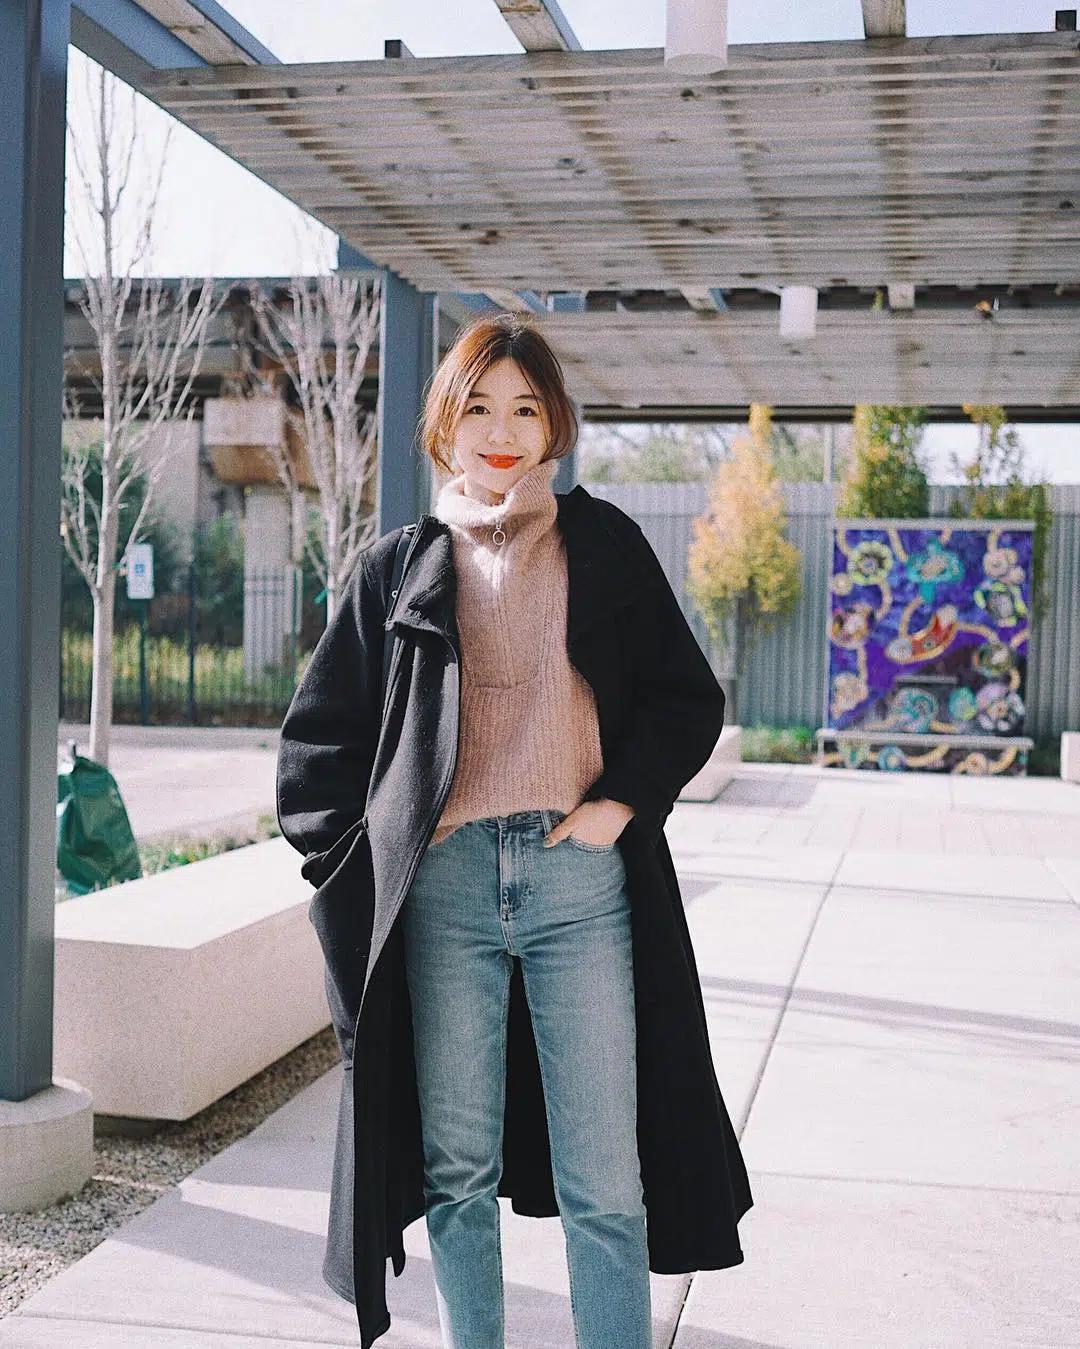 Tips chọn áo len cho ngày đông nhiệt độ thất thường: Chọn mặc đúng sẽ giúp bạn được đồng nghiệp khen nức nở - Ảnh 10.